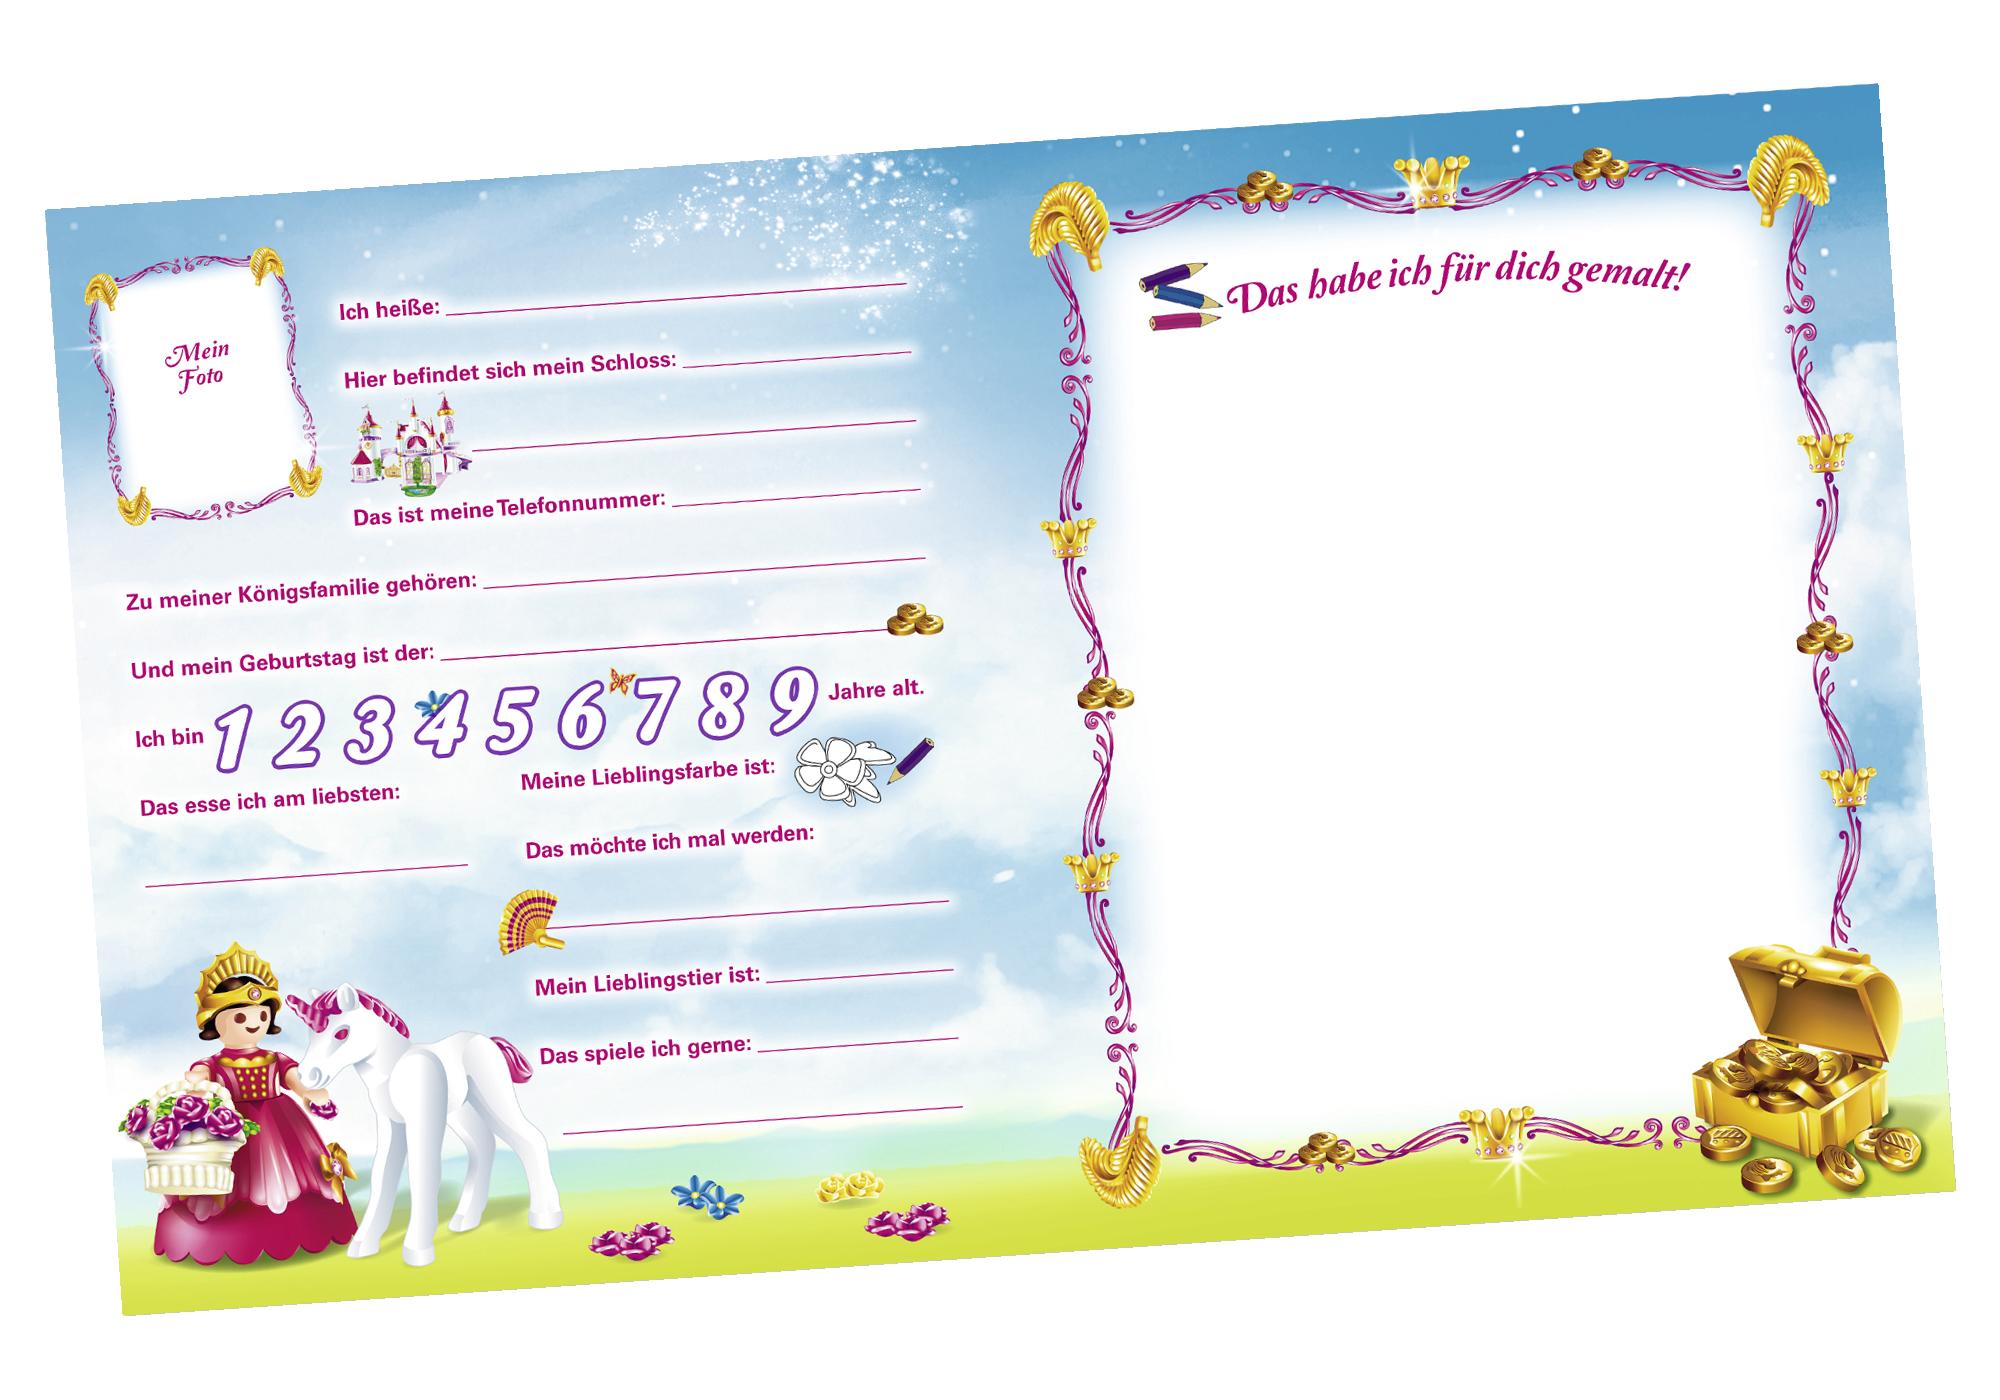 http://media.playmobil.com/i/playmobil/80379_product_extra4/Freundealbum - Meine ersten Freunde (Princess)